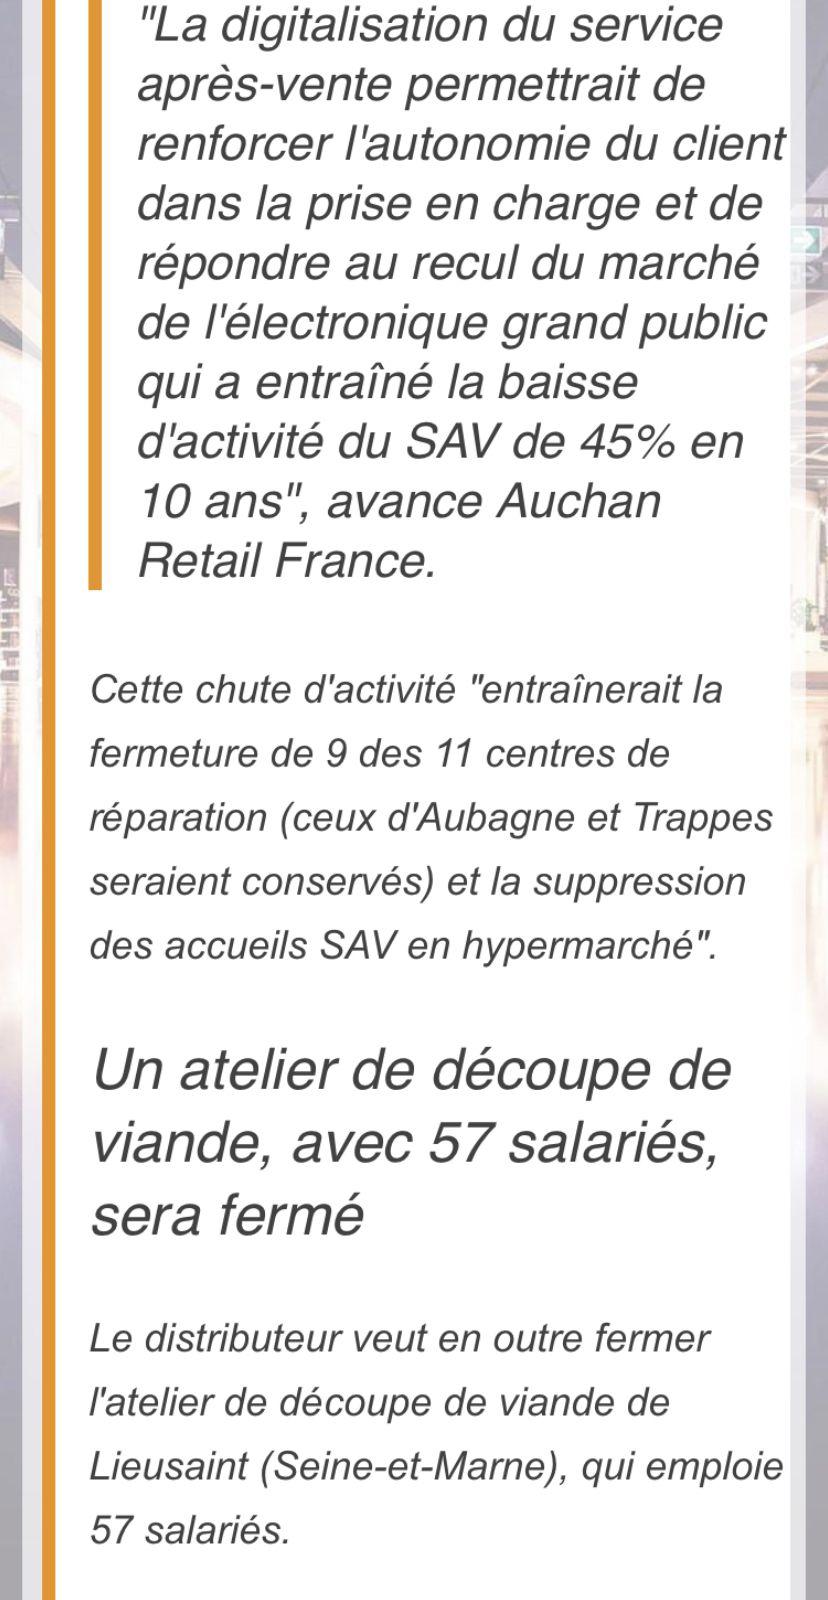 Auchan s'apprête à supprimer 1475 emploies en France